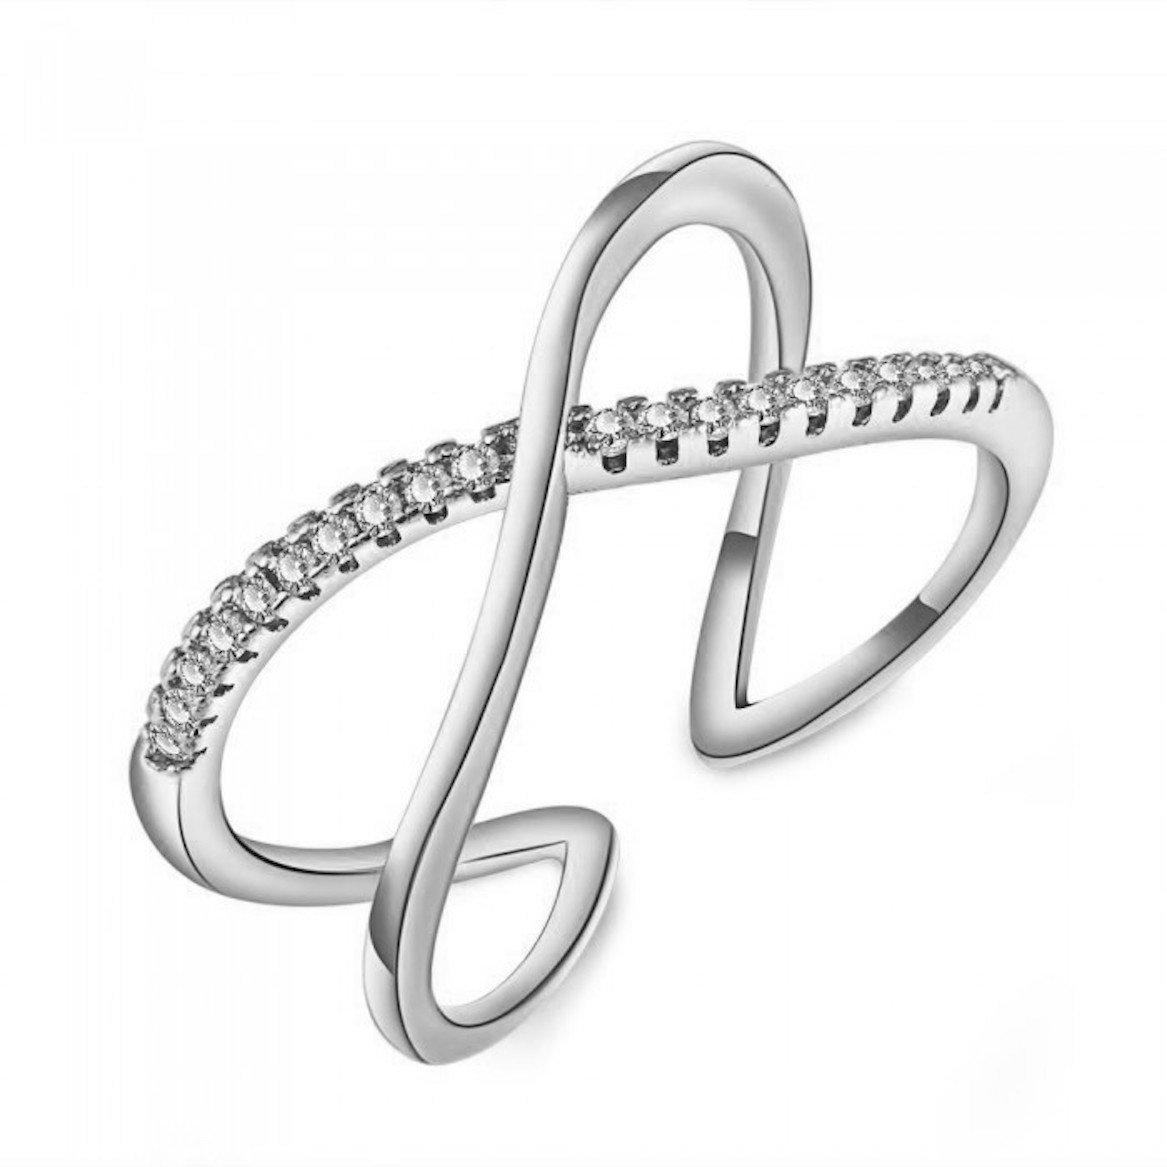 Blush and Bar Nadia X Infinity Ring (Silver)